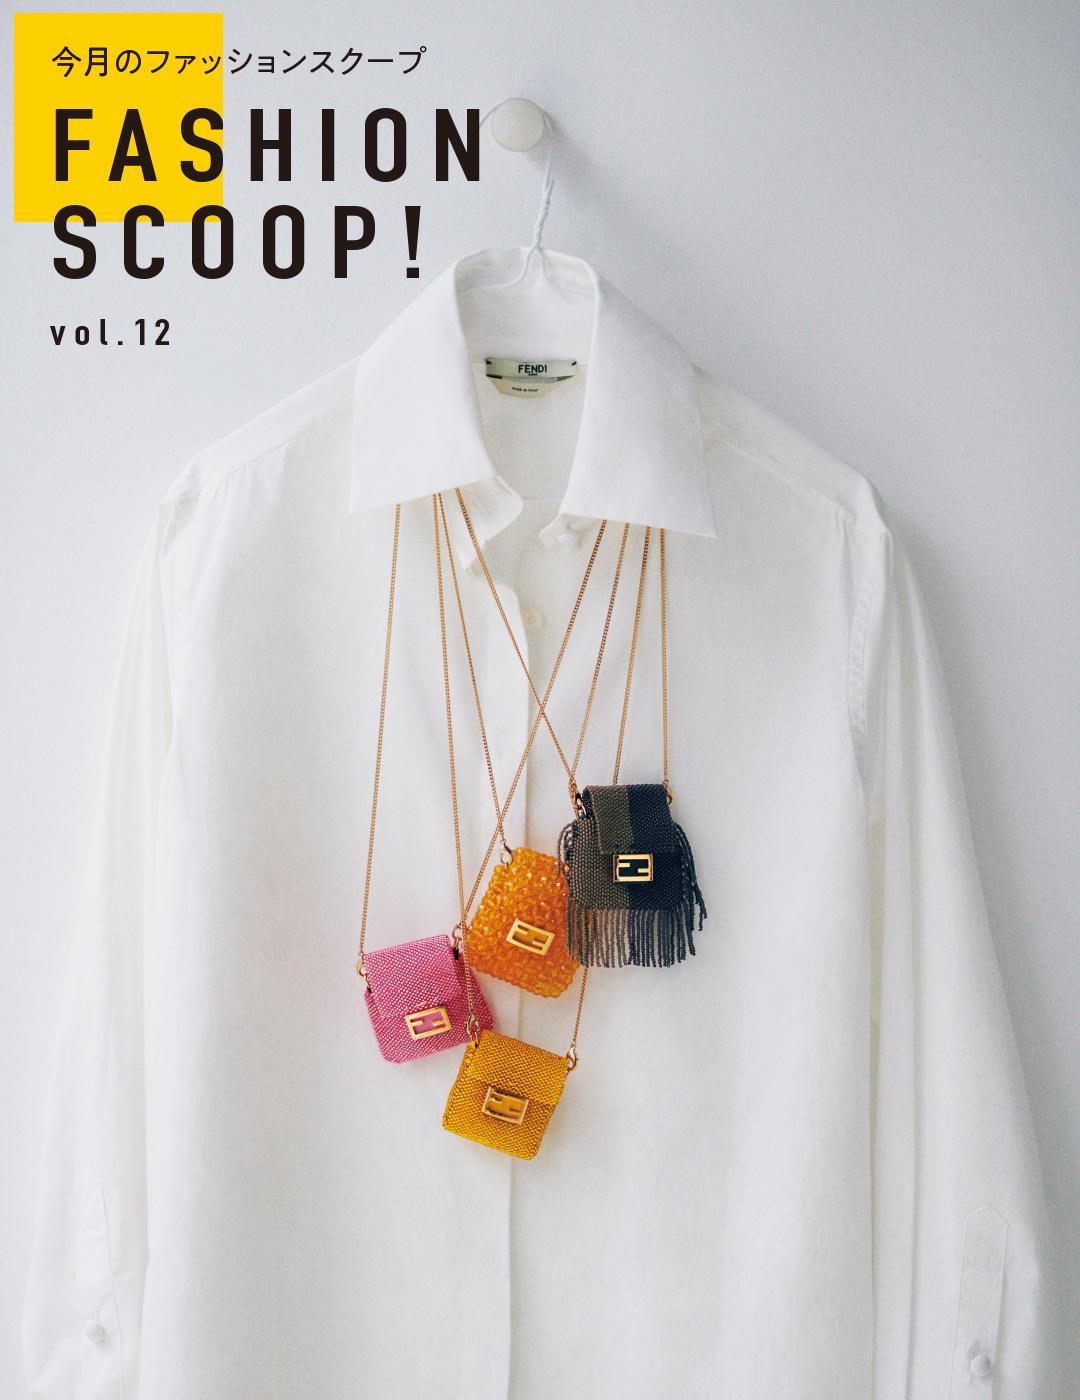 今月のファッションスクープ FASHION SCOOP! vol.12